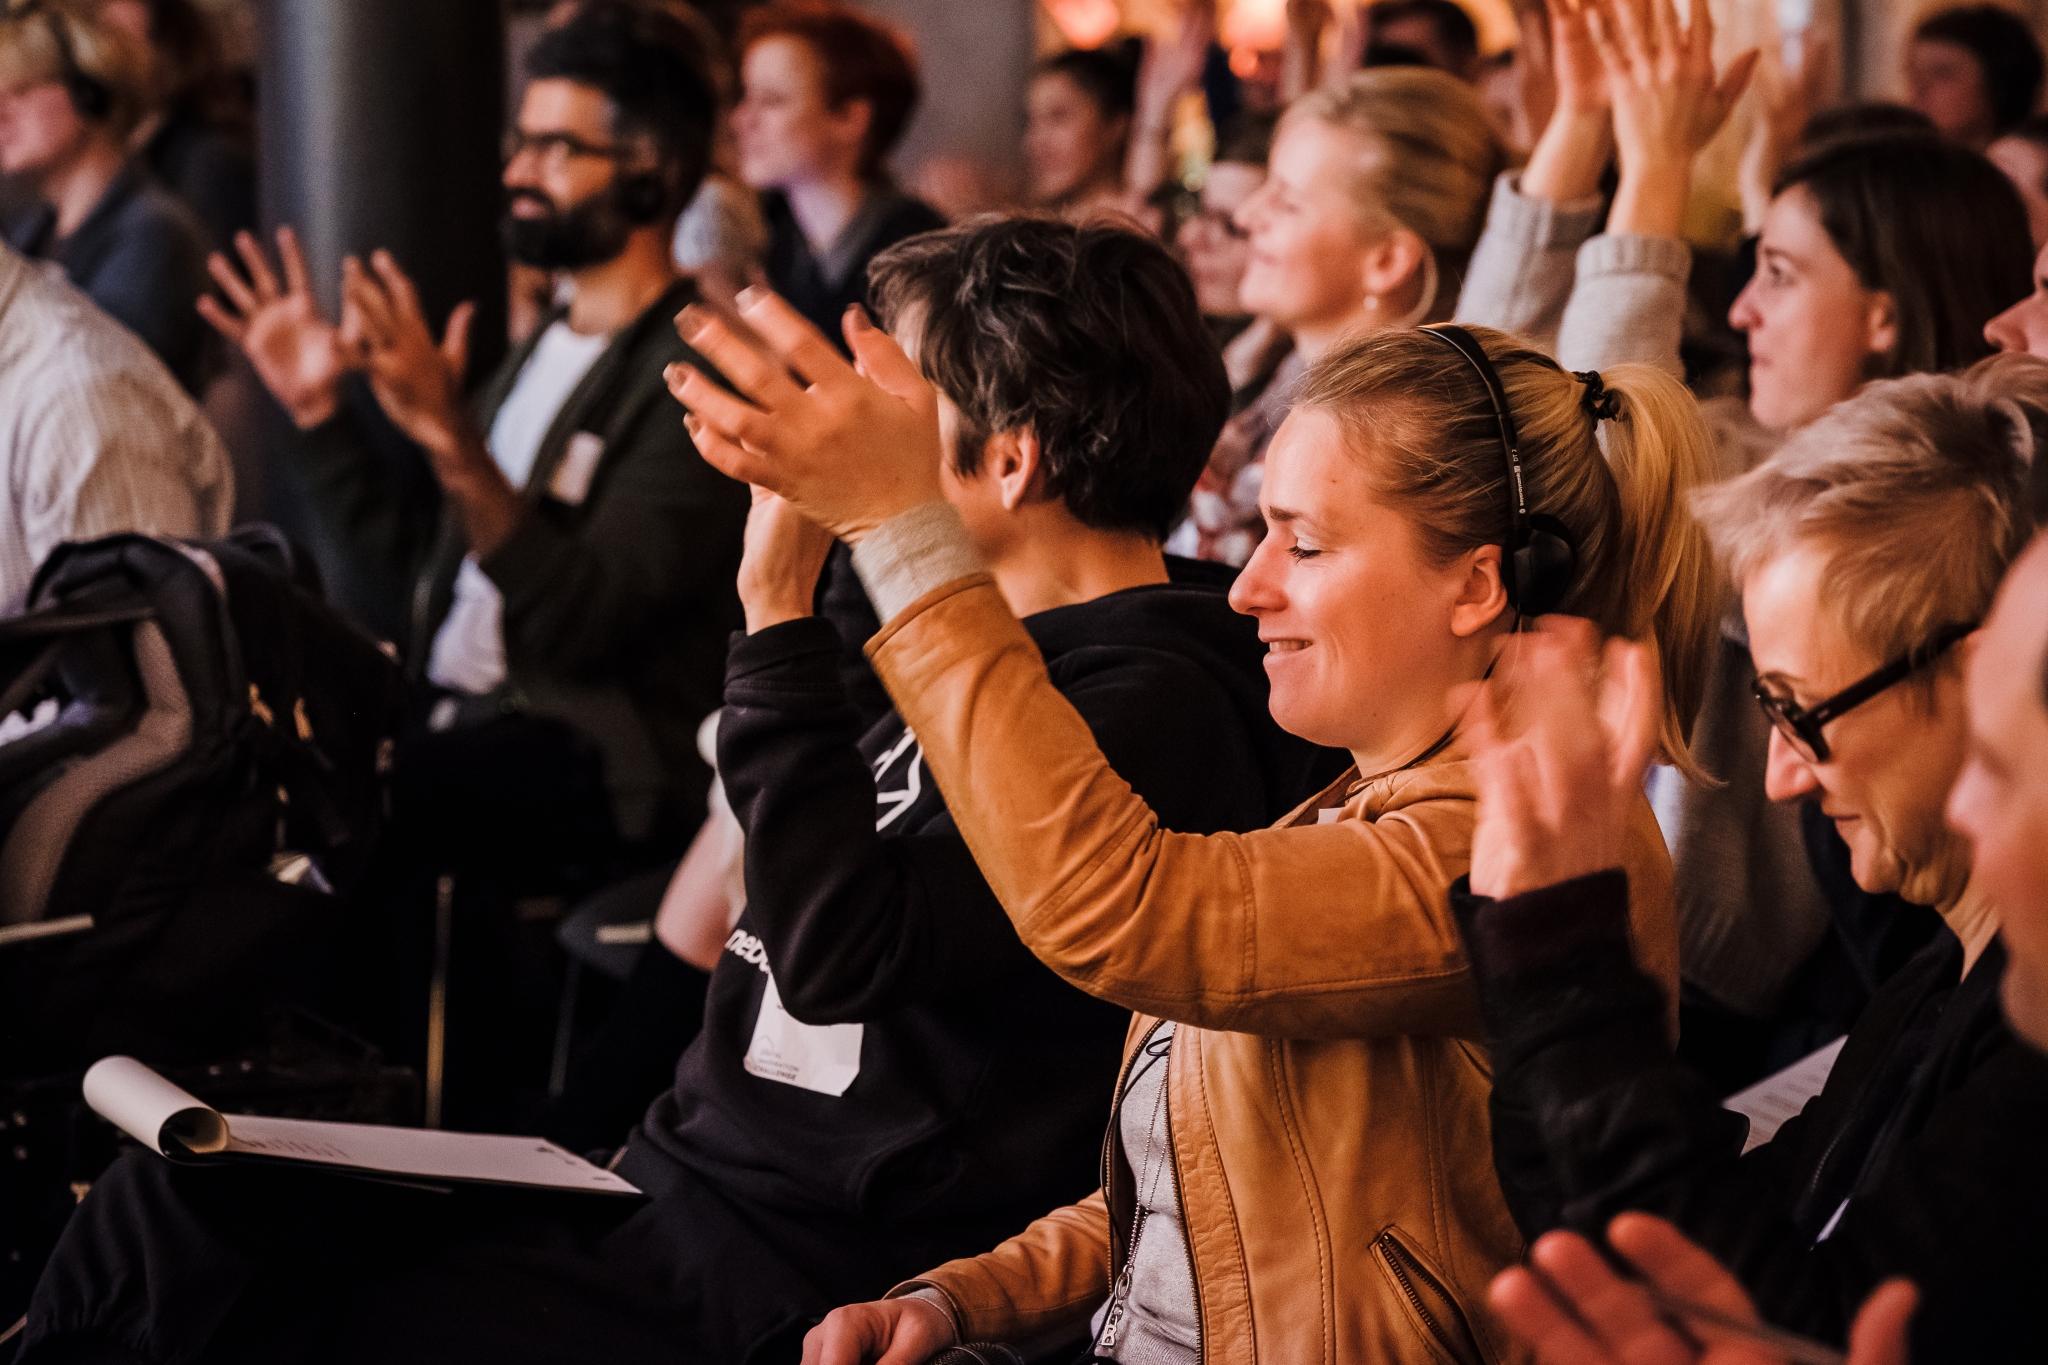 Gruppe von Menschen, einer applaudiert